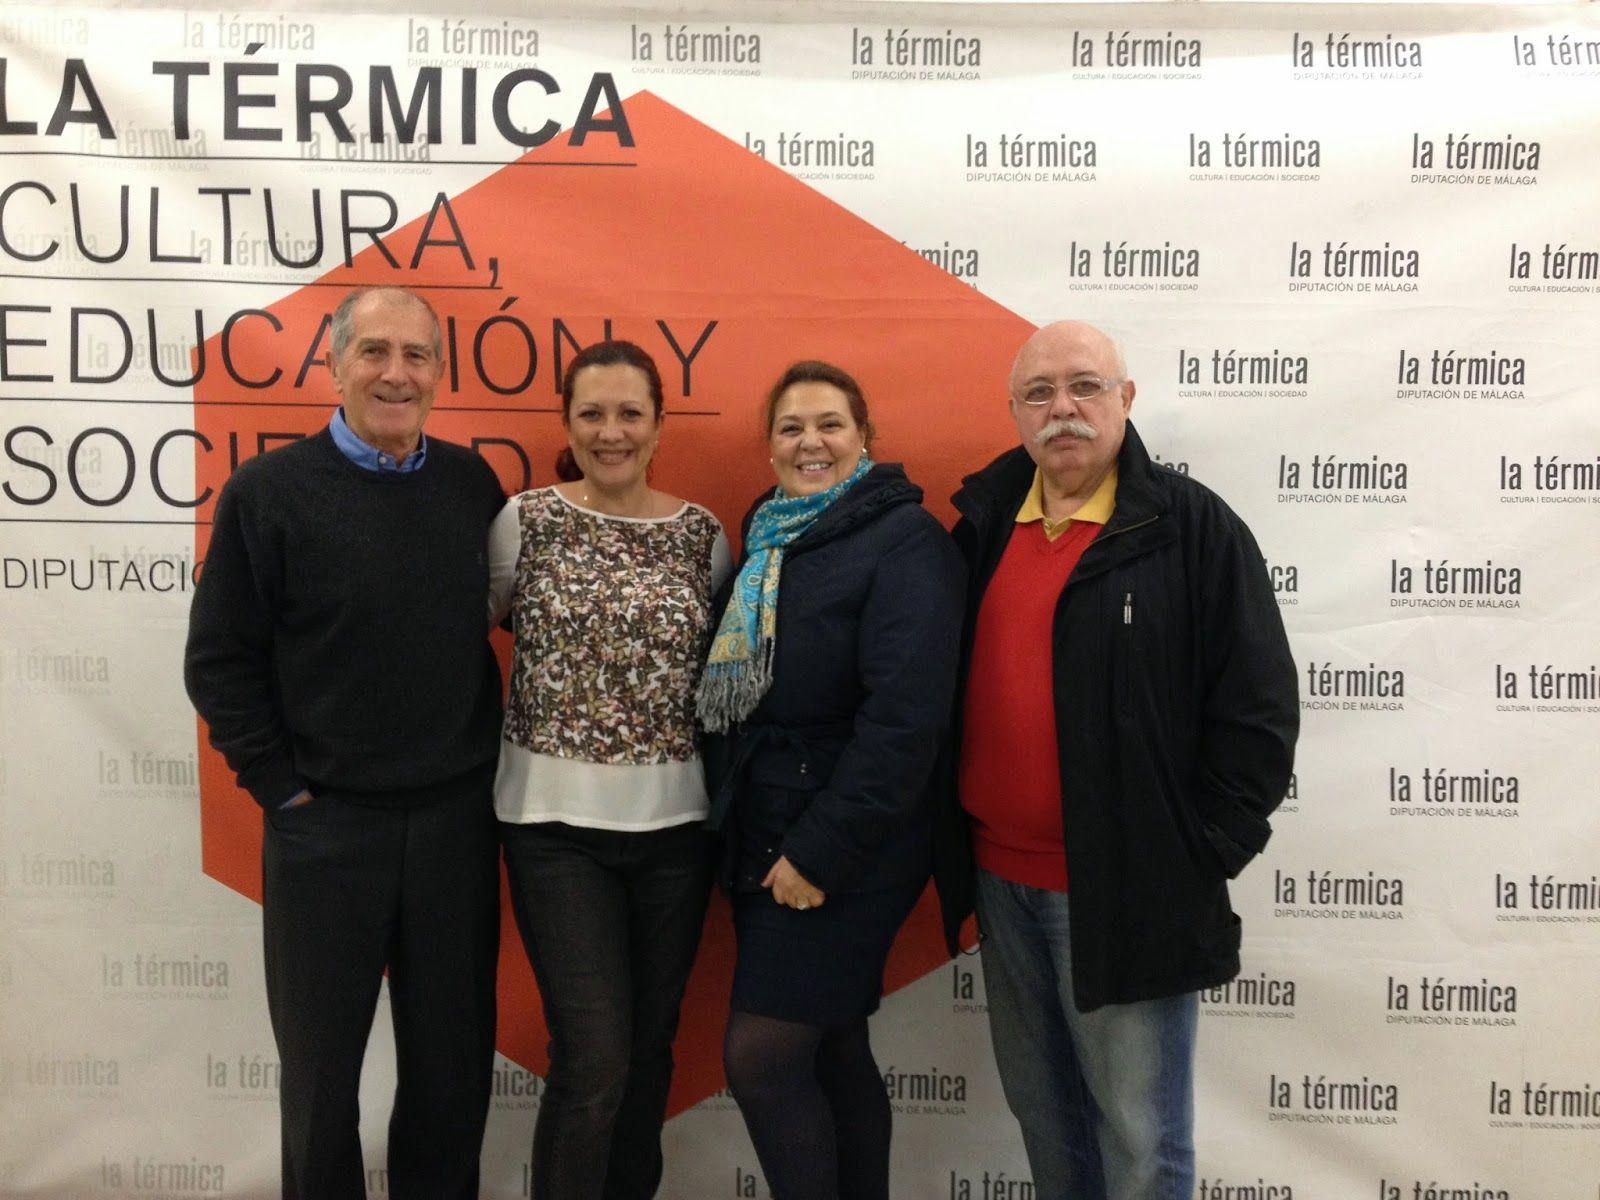 Esta semana ha tenido lugar, en la Térmica, de Málaga, el curso de Egiptología organizado por el Instituto de Estudios del Antiguo Egipto sobre Religión en el antiguo Egipto, al que ha asistido la Presidenta de la Asociación de Mujeres Najmarabic. En la fotografía, junto a los Profesores José María Saldaña, Teresa Bedman y Francisco Martín Valentín.